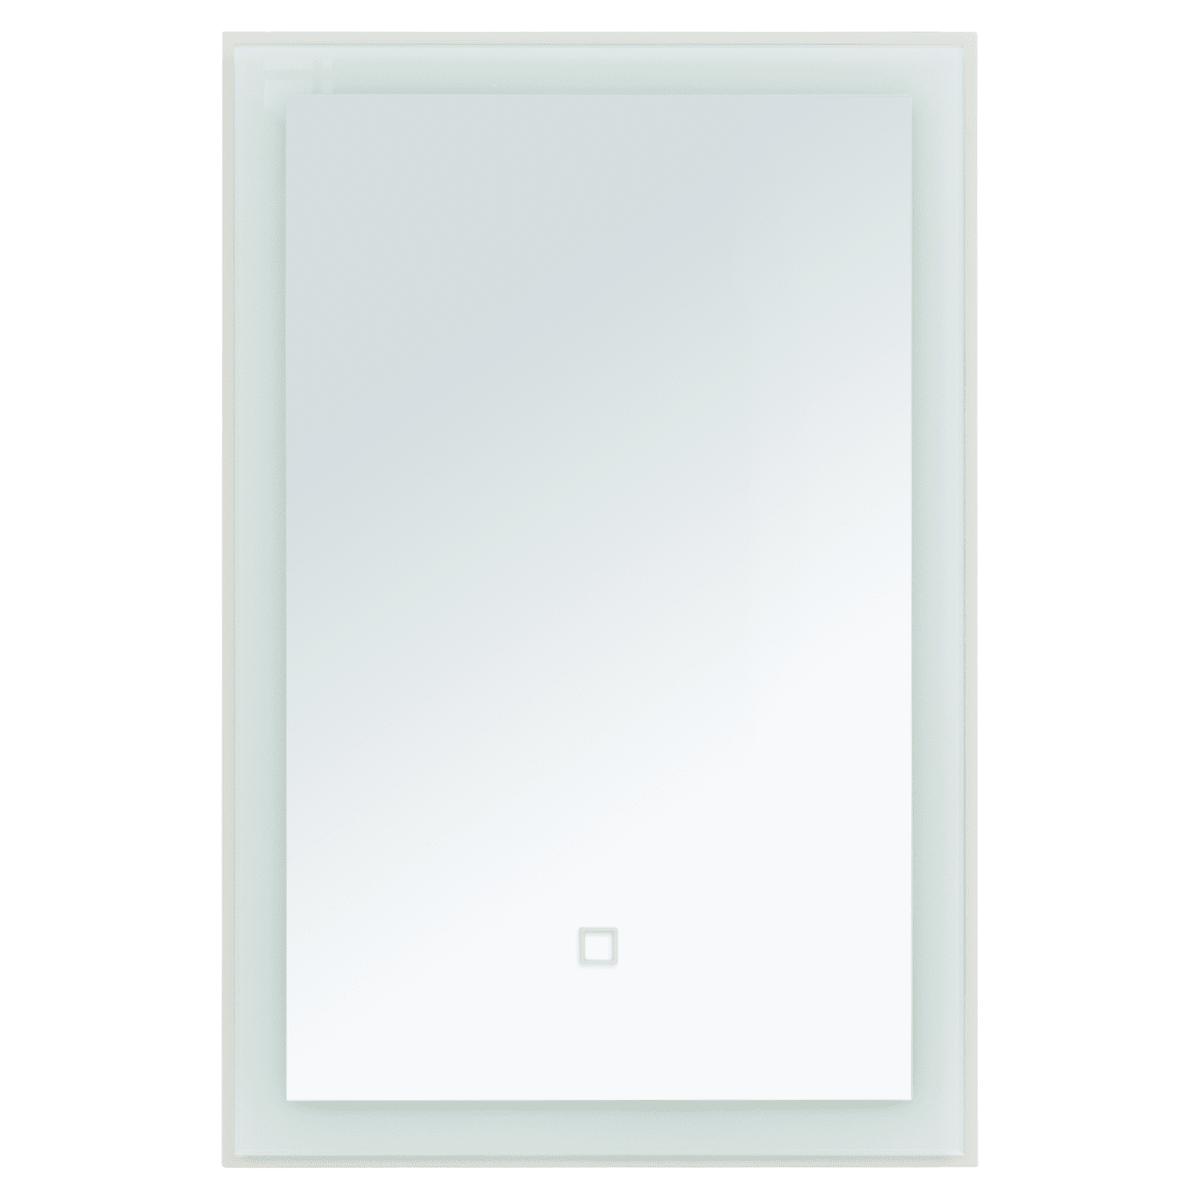 Зеркало «Монро» с подсветкой 55x80 см цвет бежевый матовый